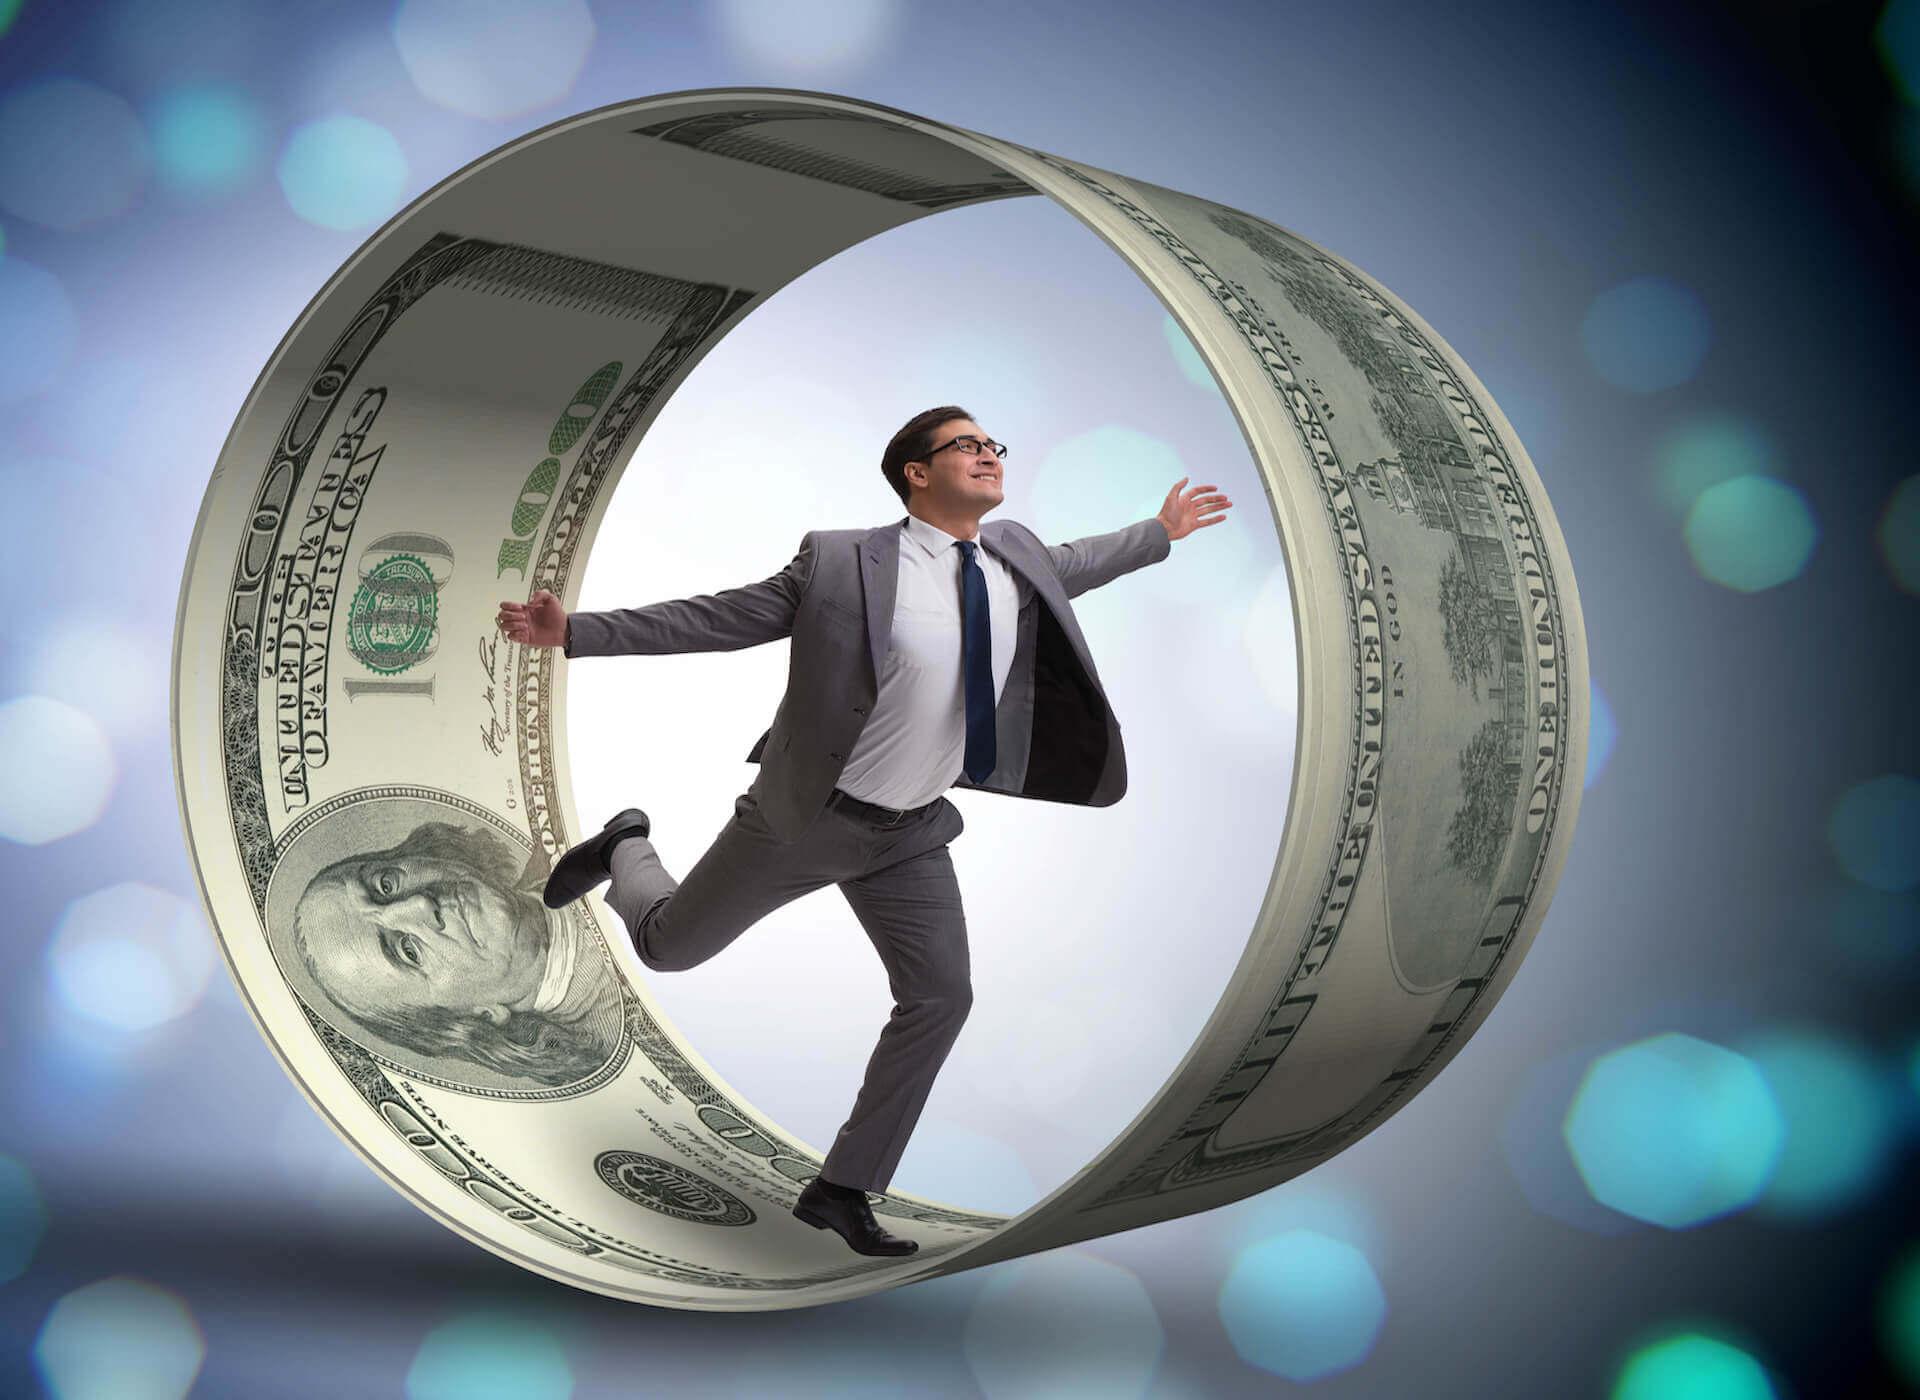 Guy in hamster wheel made of money